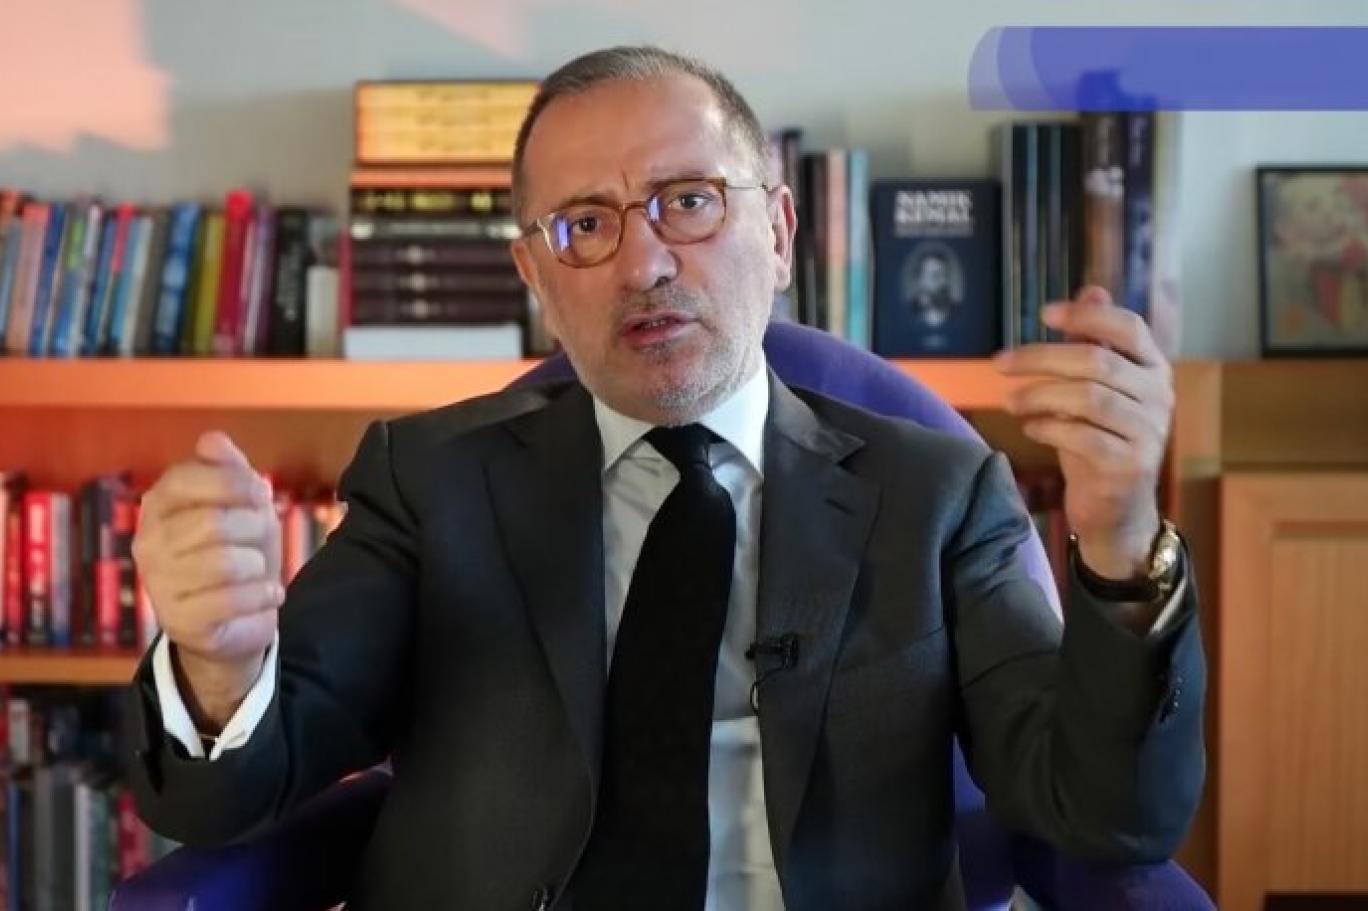 Fatih Altaylı'dan MEB'e tepki: Okulları açmaktan vazgeçme kararı gece yarısı mı alınır kardeşim!